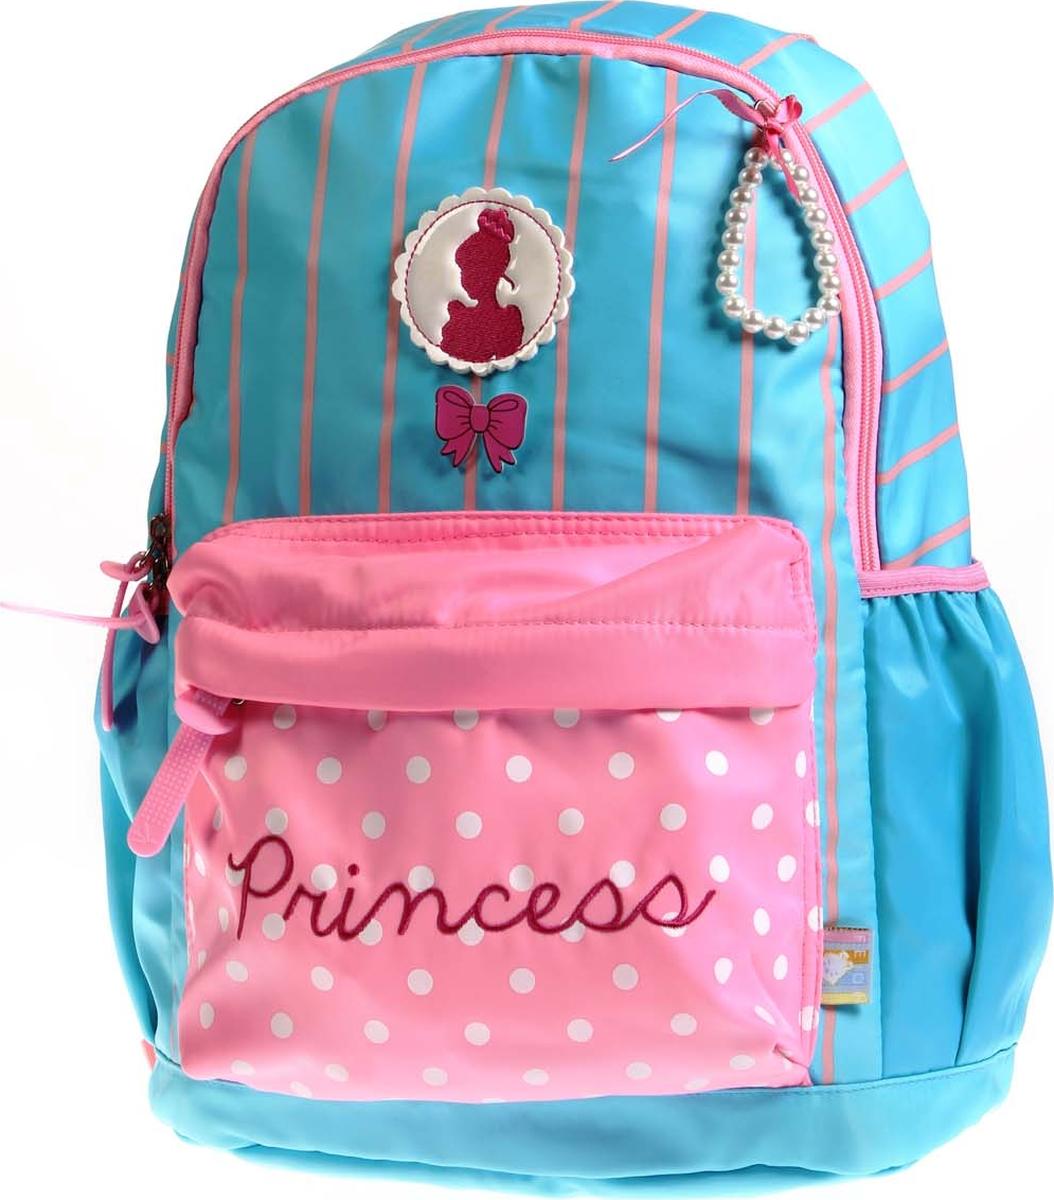 Vittorio Richi Рюкзак детский с наполнением цвет голубой розовый K05R5520 vittorio richi рюкзак детский с наполнением цвет голубой k05r5505